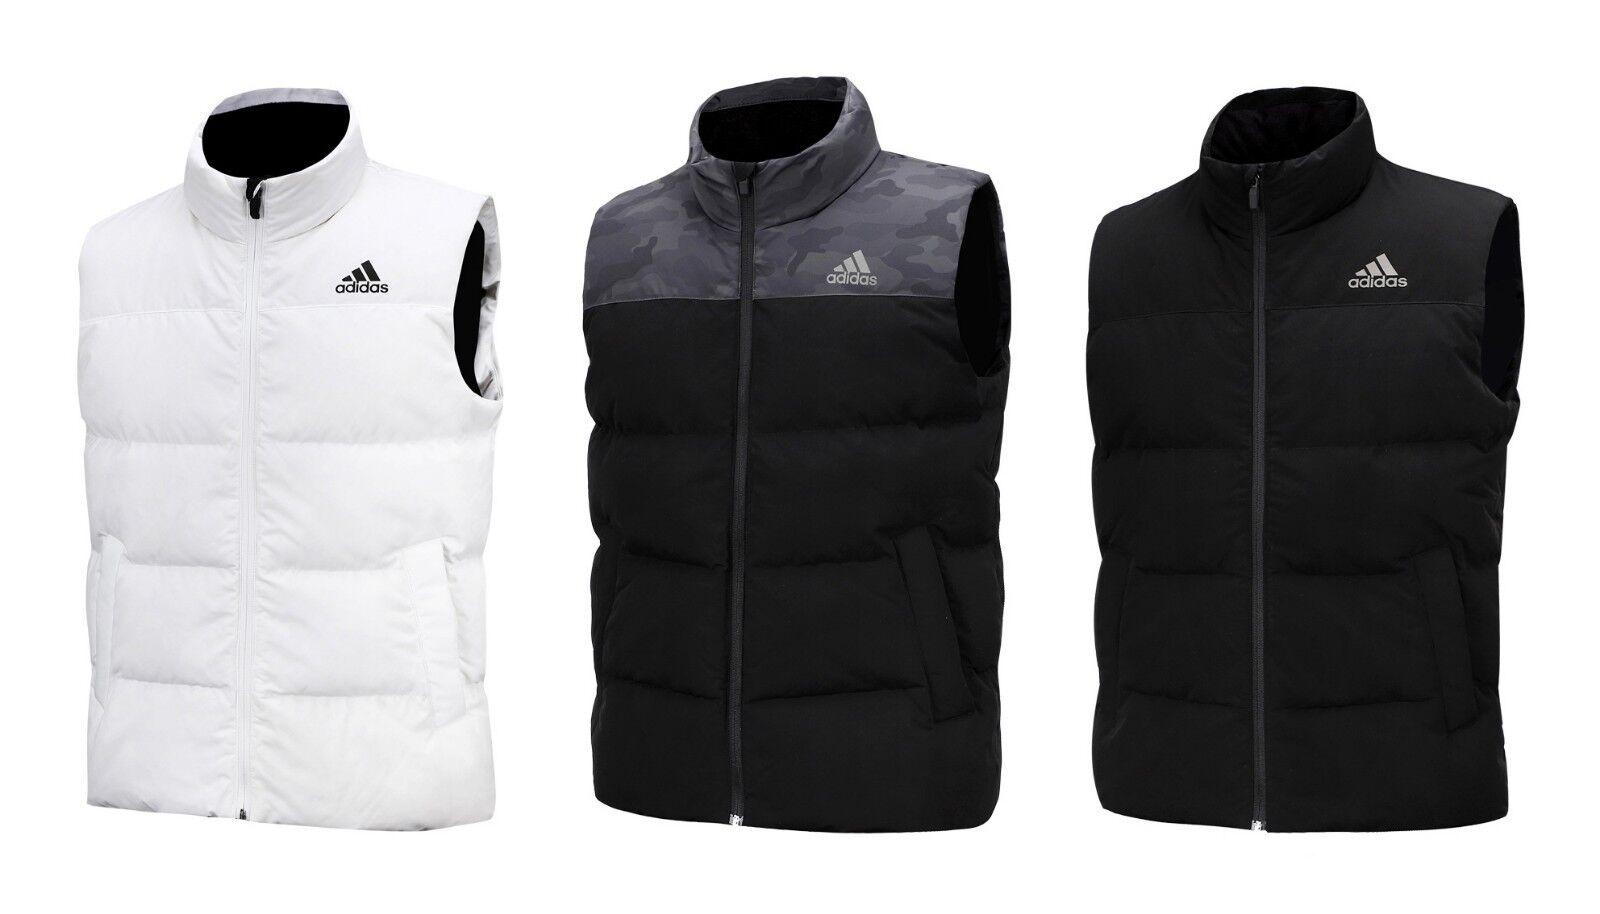 Adidas Winter 18 Down Vest (CK0961) Párnázott nadrágkötény